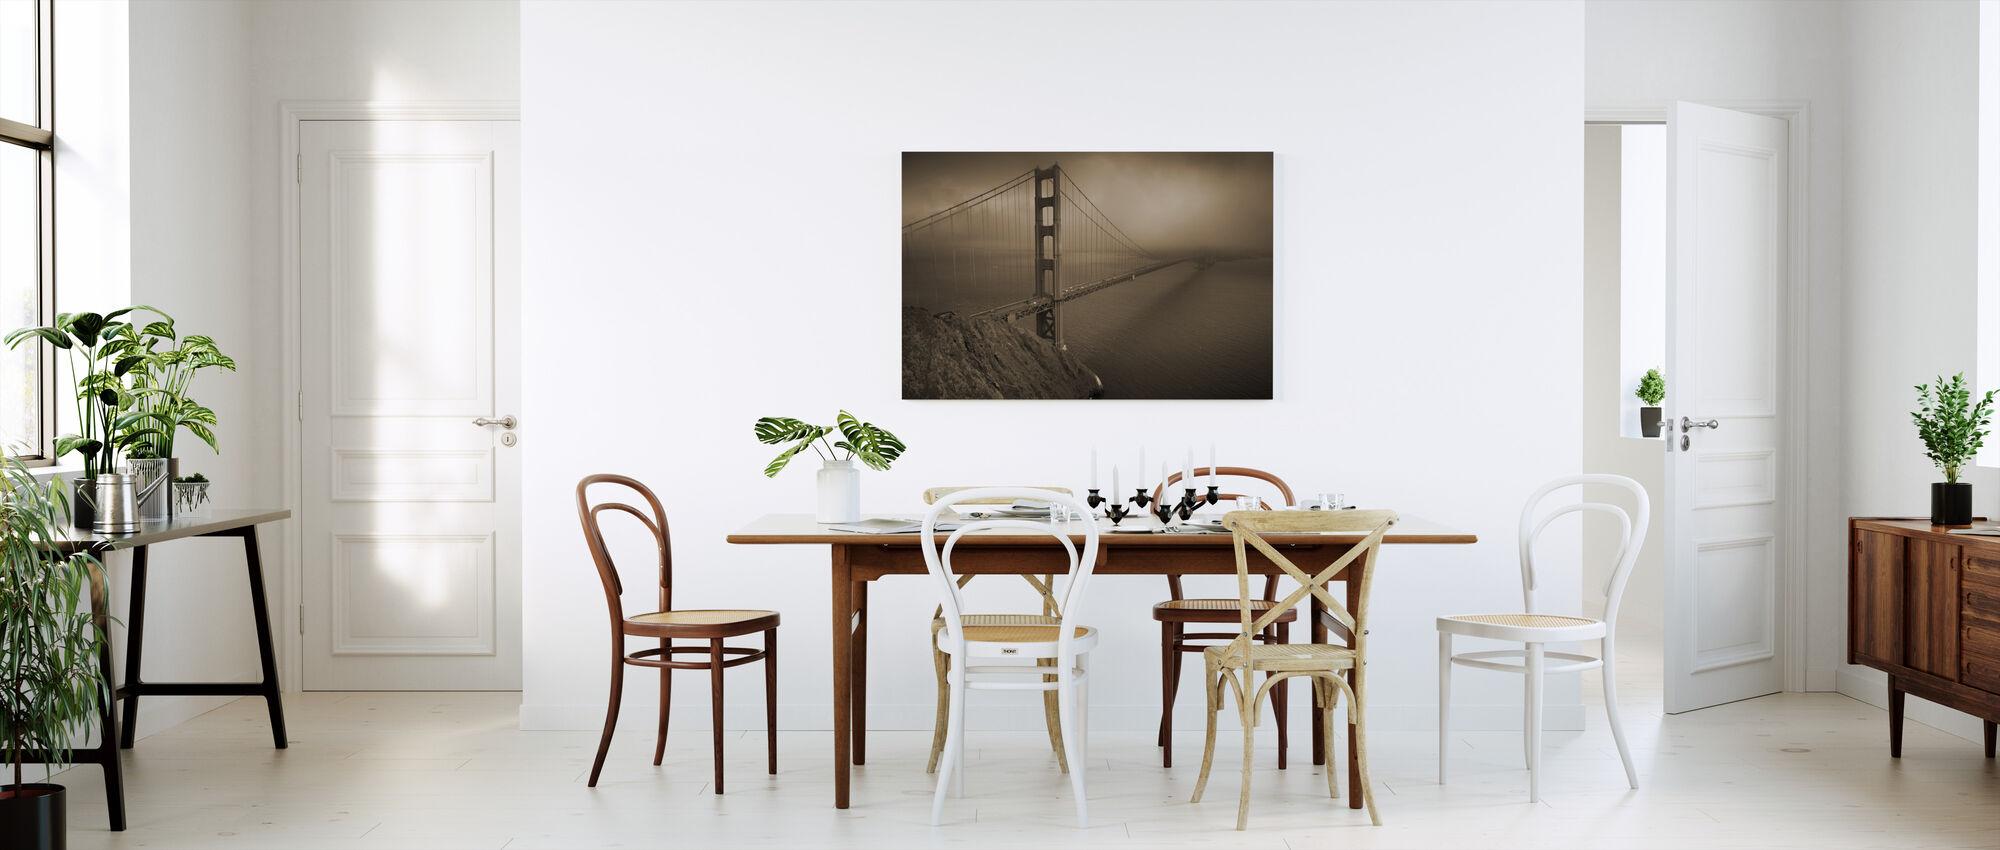 Golden Gate - Sepia - Canvas print - Kitchen